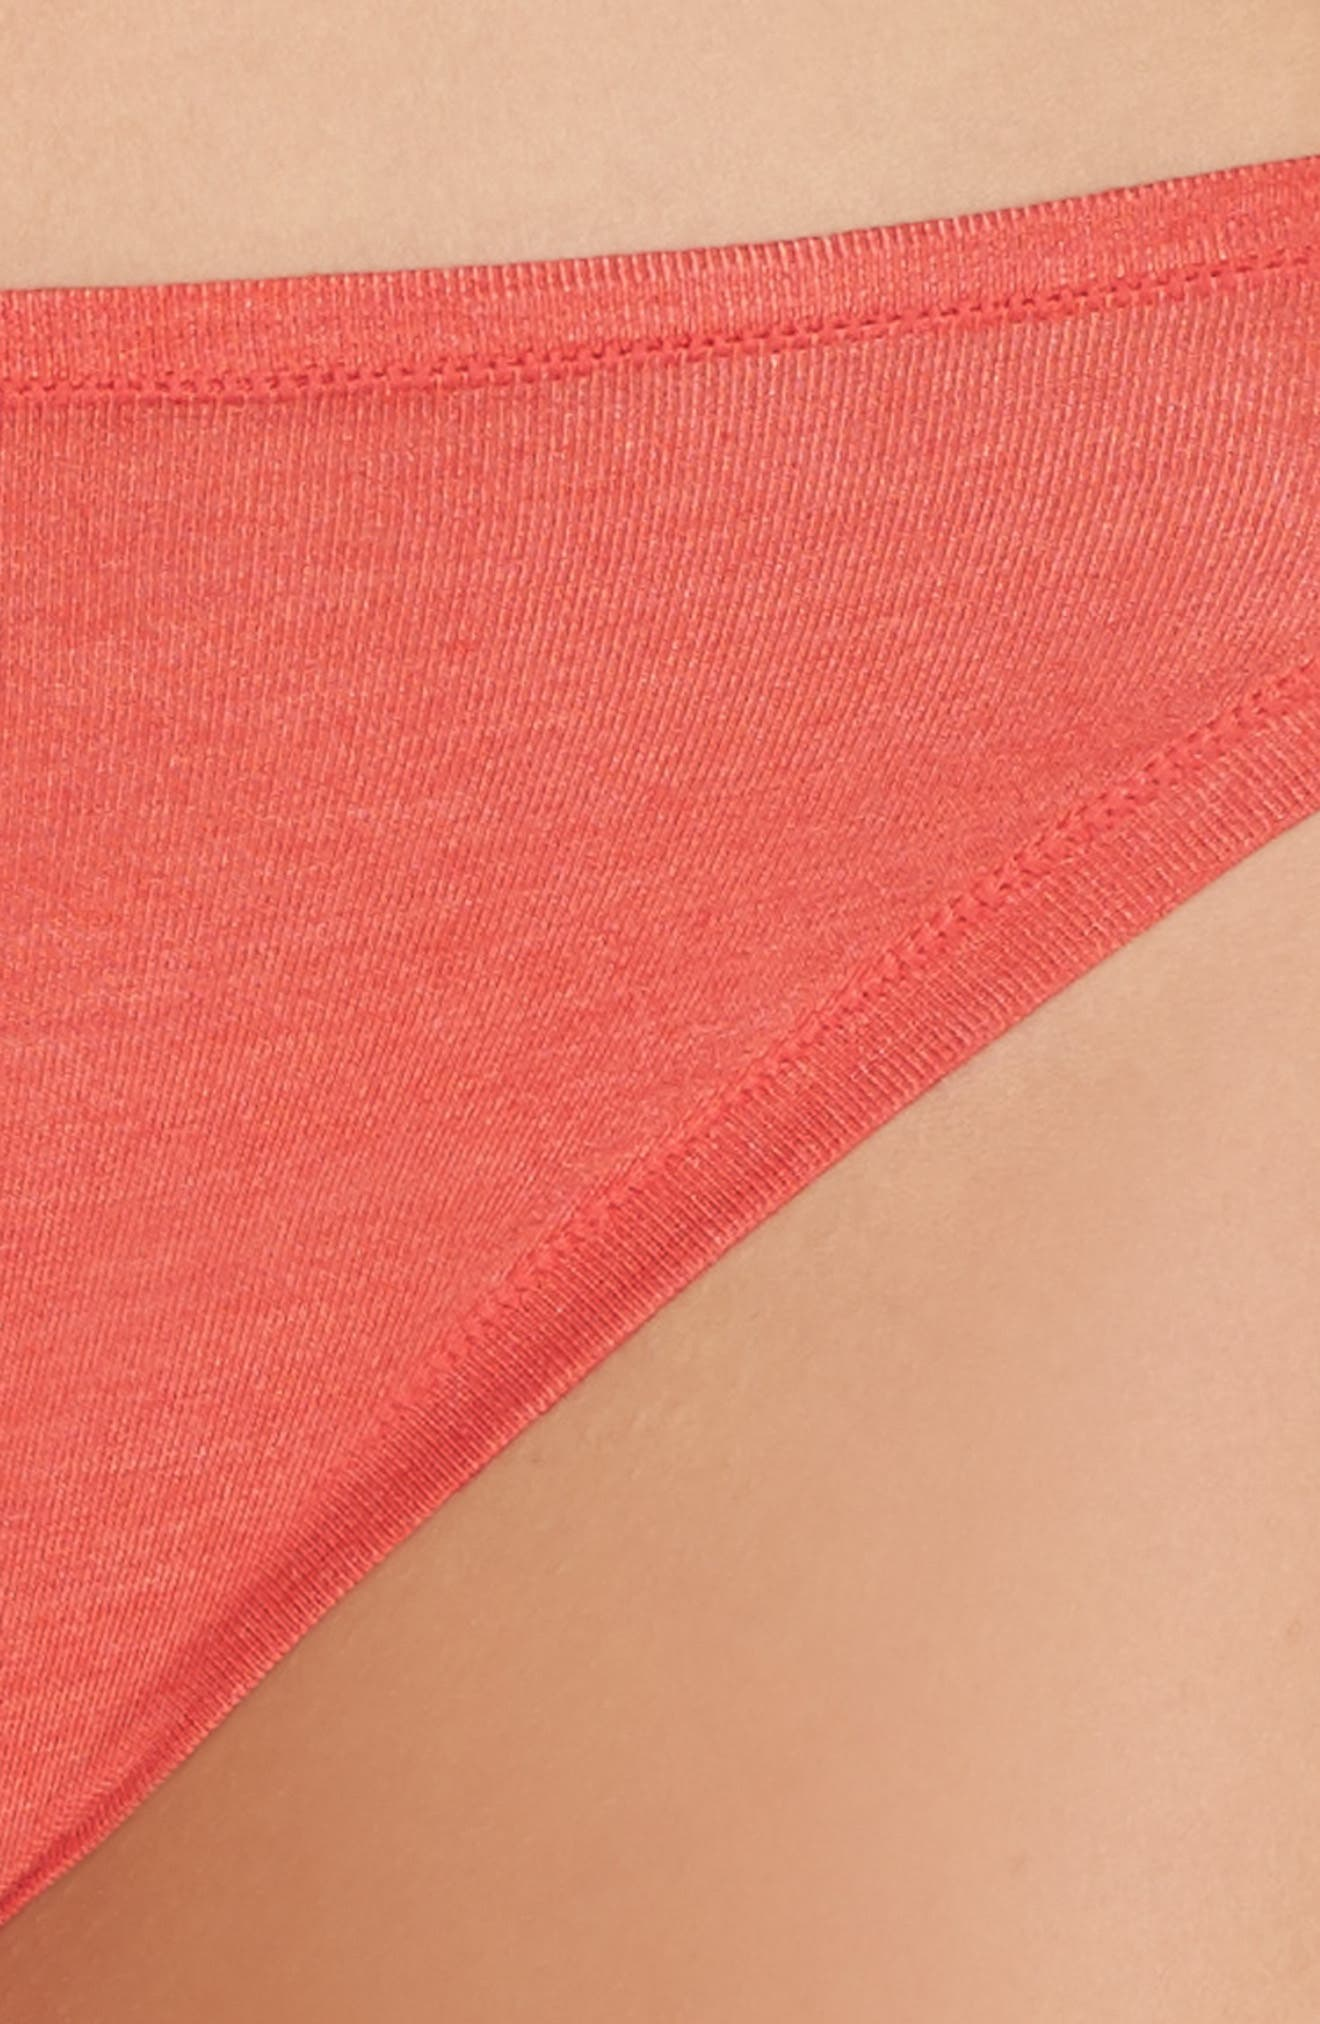 Bliss Essence Bikini,                             Alternate thumbnail 43, color,